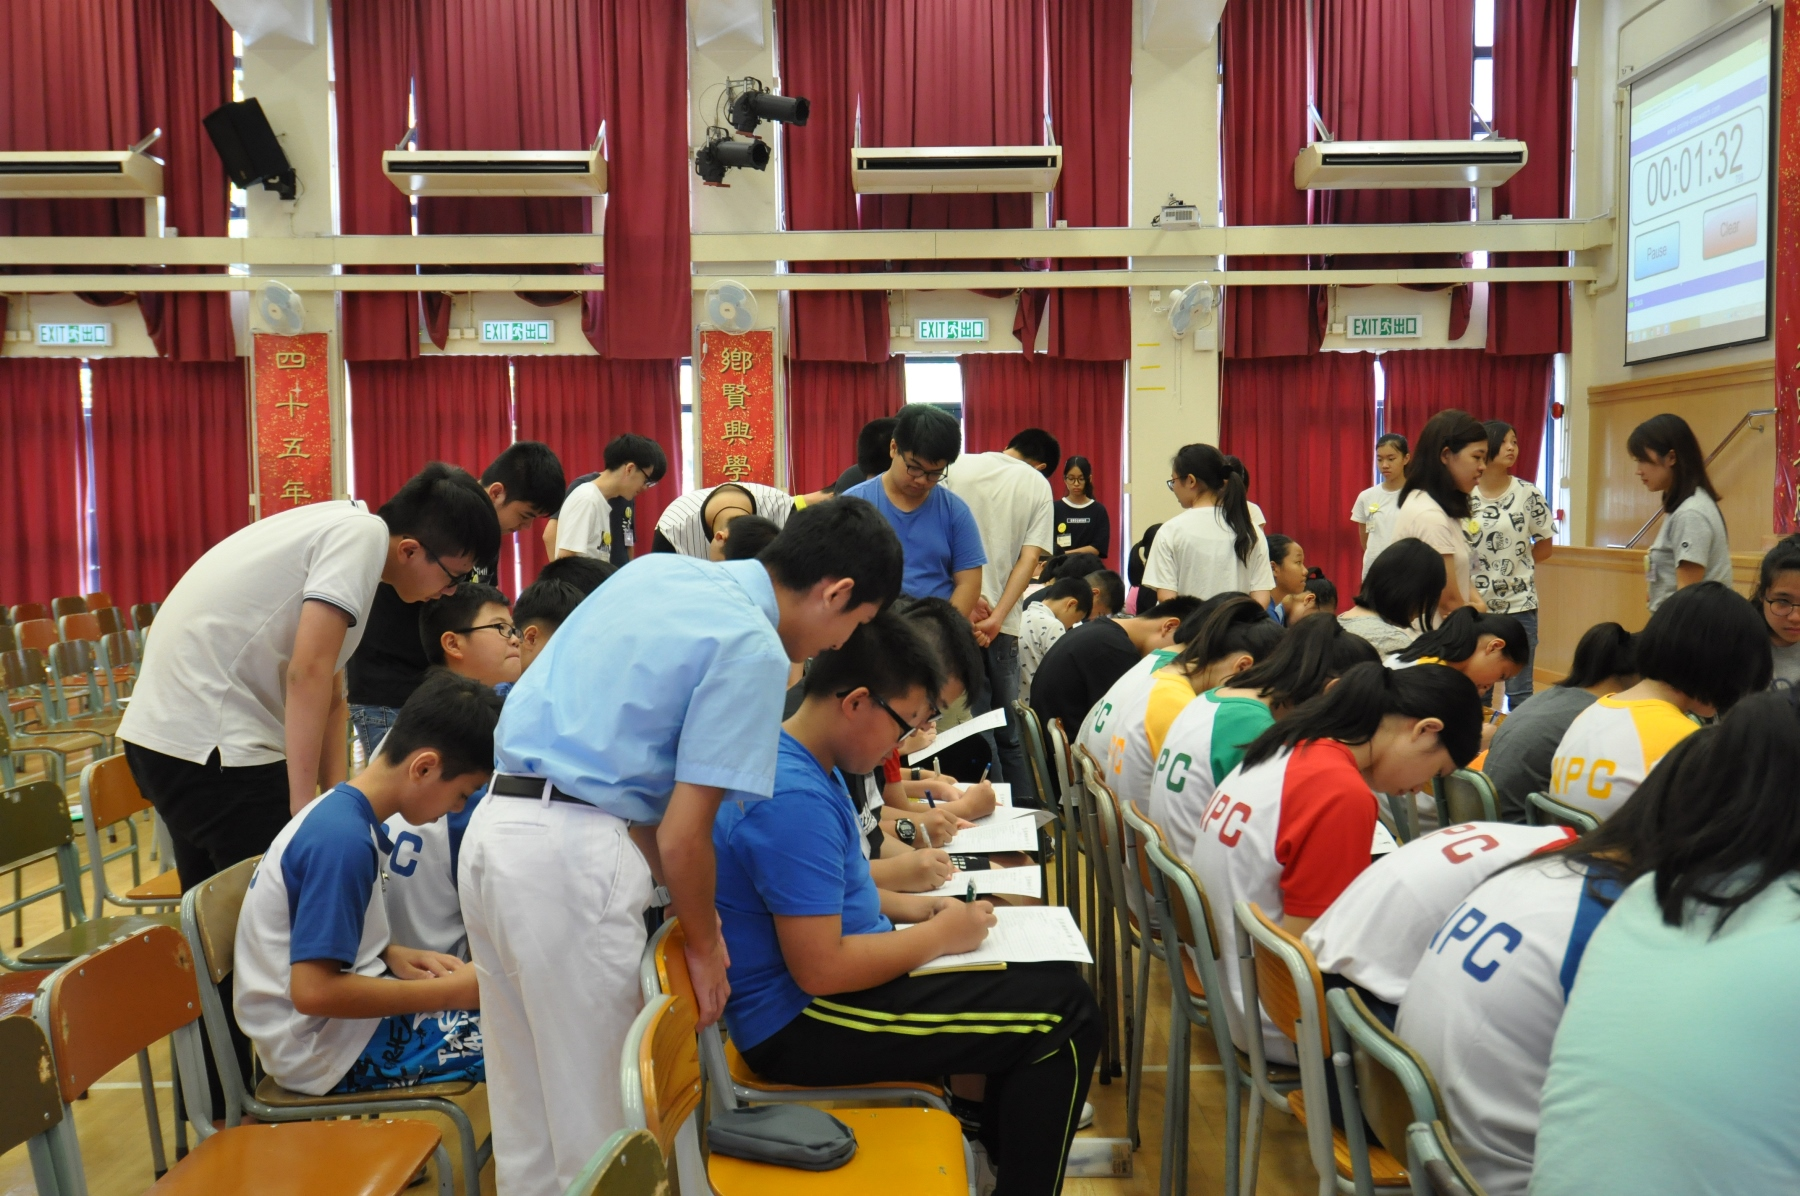 http://www.npc.edu.hk/sites/default/files/ren_shi_zhu_bo_.ren_shi_zi_ji_20170814_01.jpg